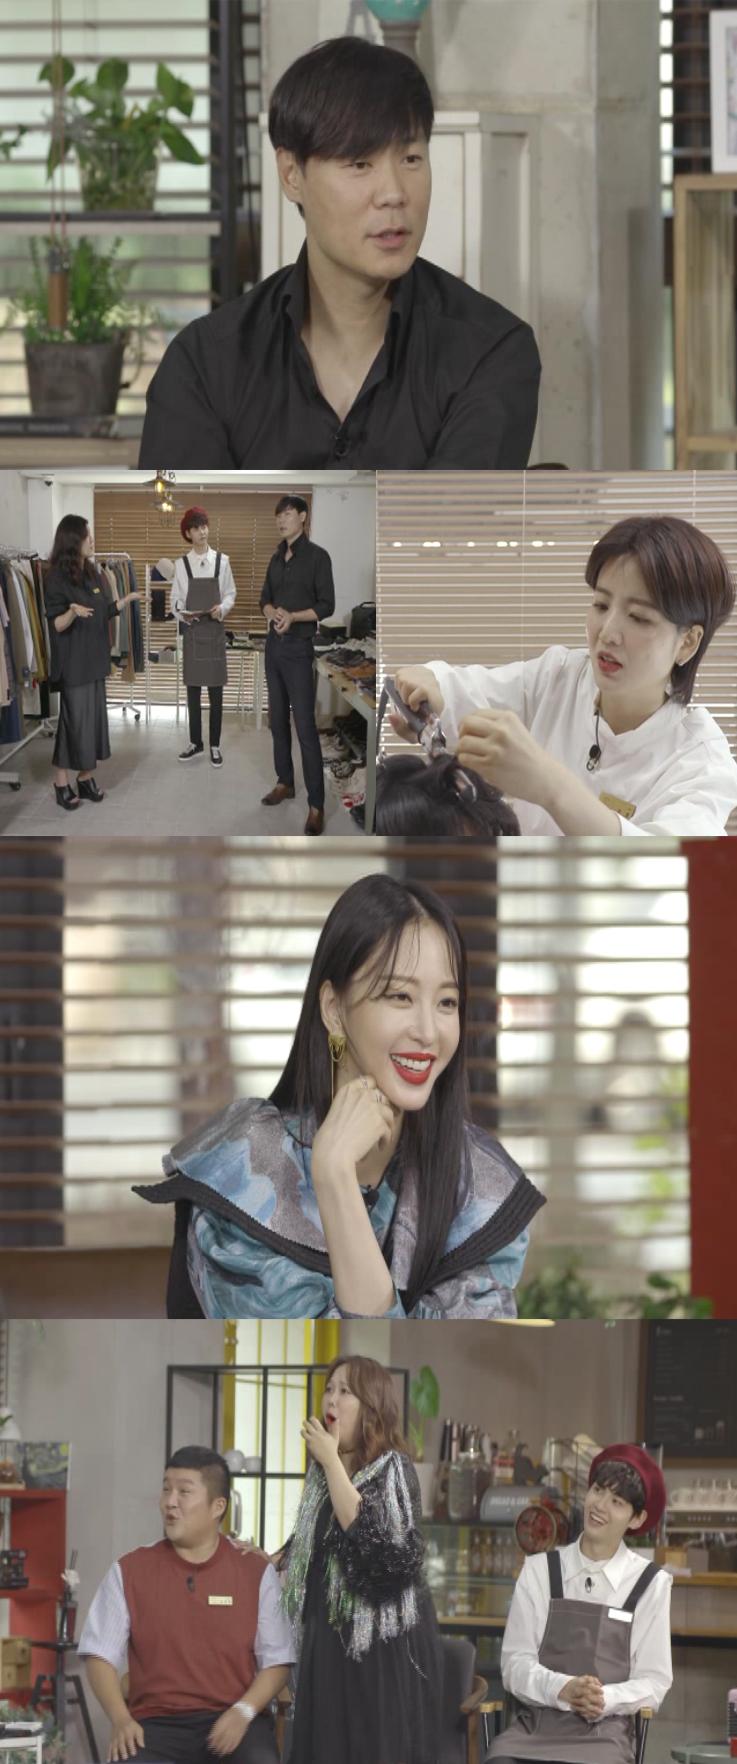 """'언니네 쌀롱' 최현석이 극복하고픈 콤플렉스는?! """"이마가 보이면…"""""""